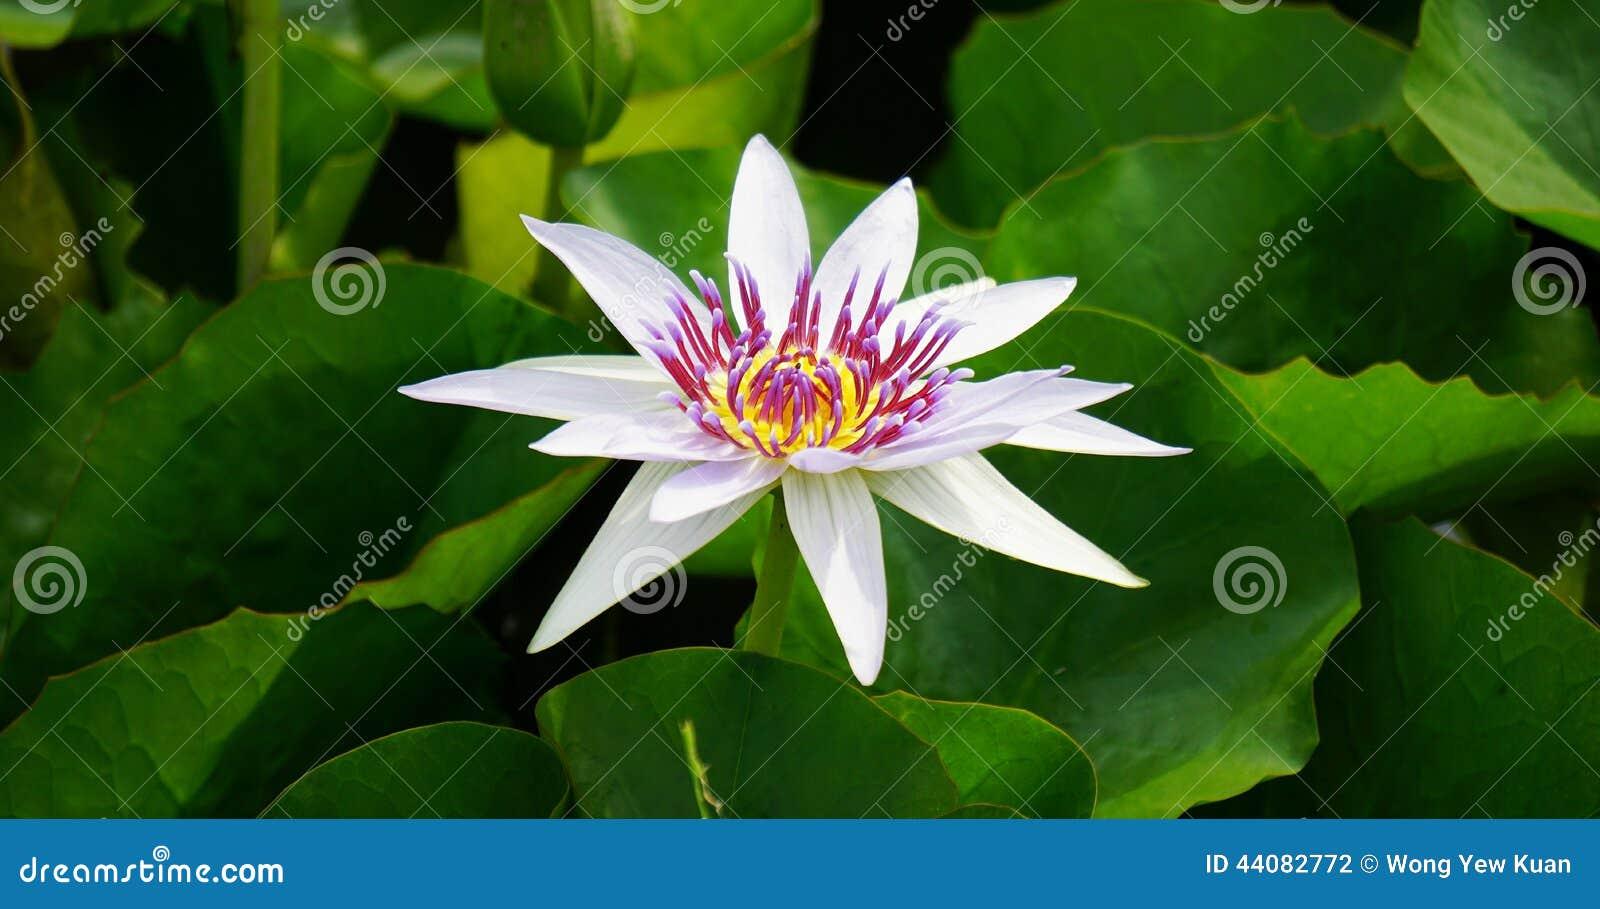 Nymphaea white lotus stock photo image of violet lotus 44082772 nymphaea white lotus mightylinksfo